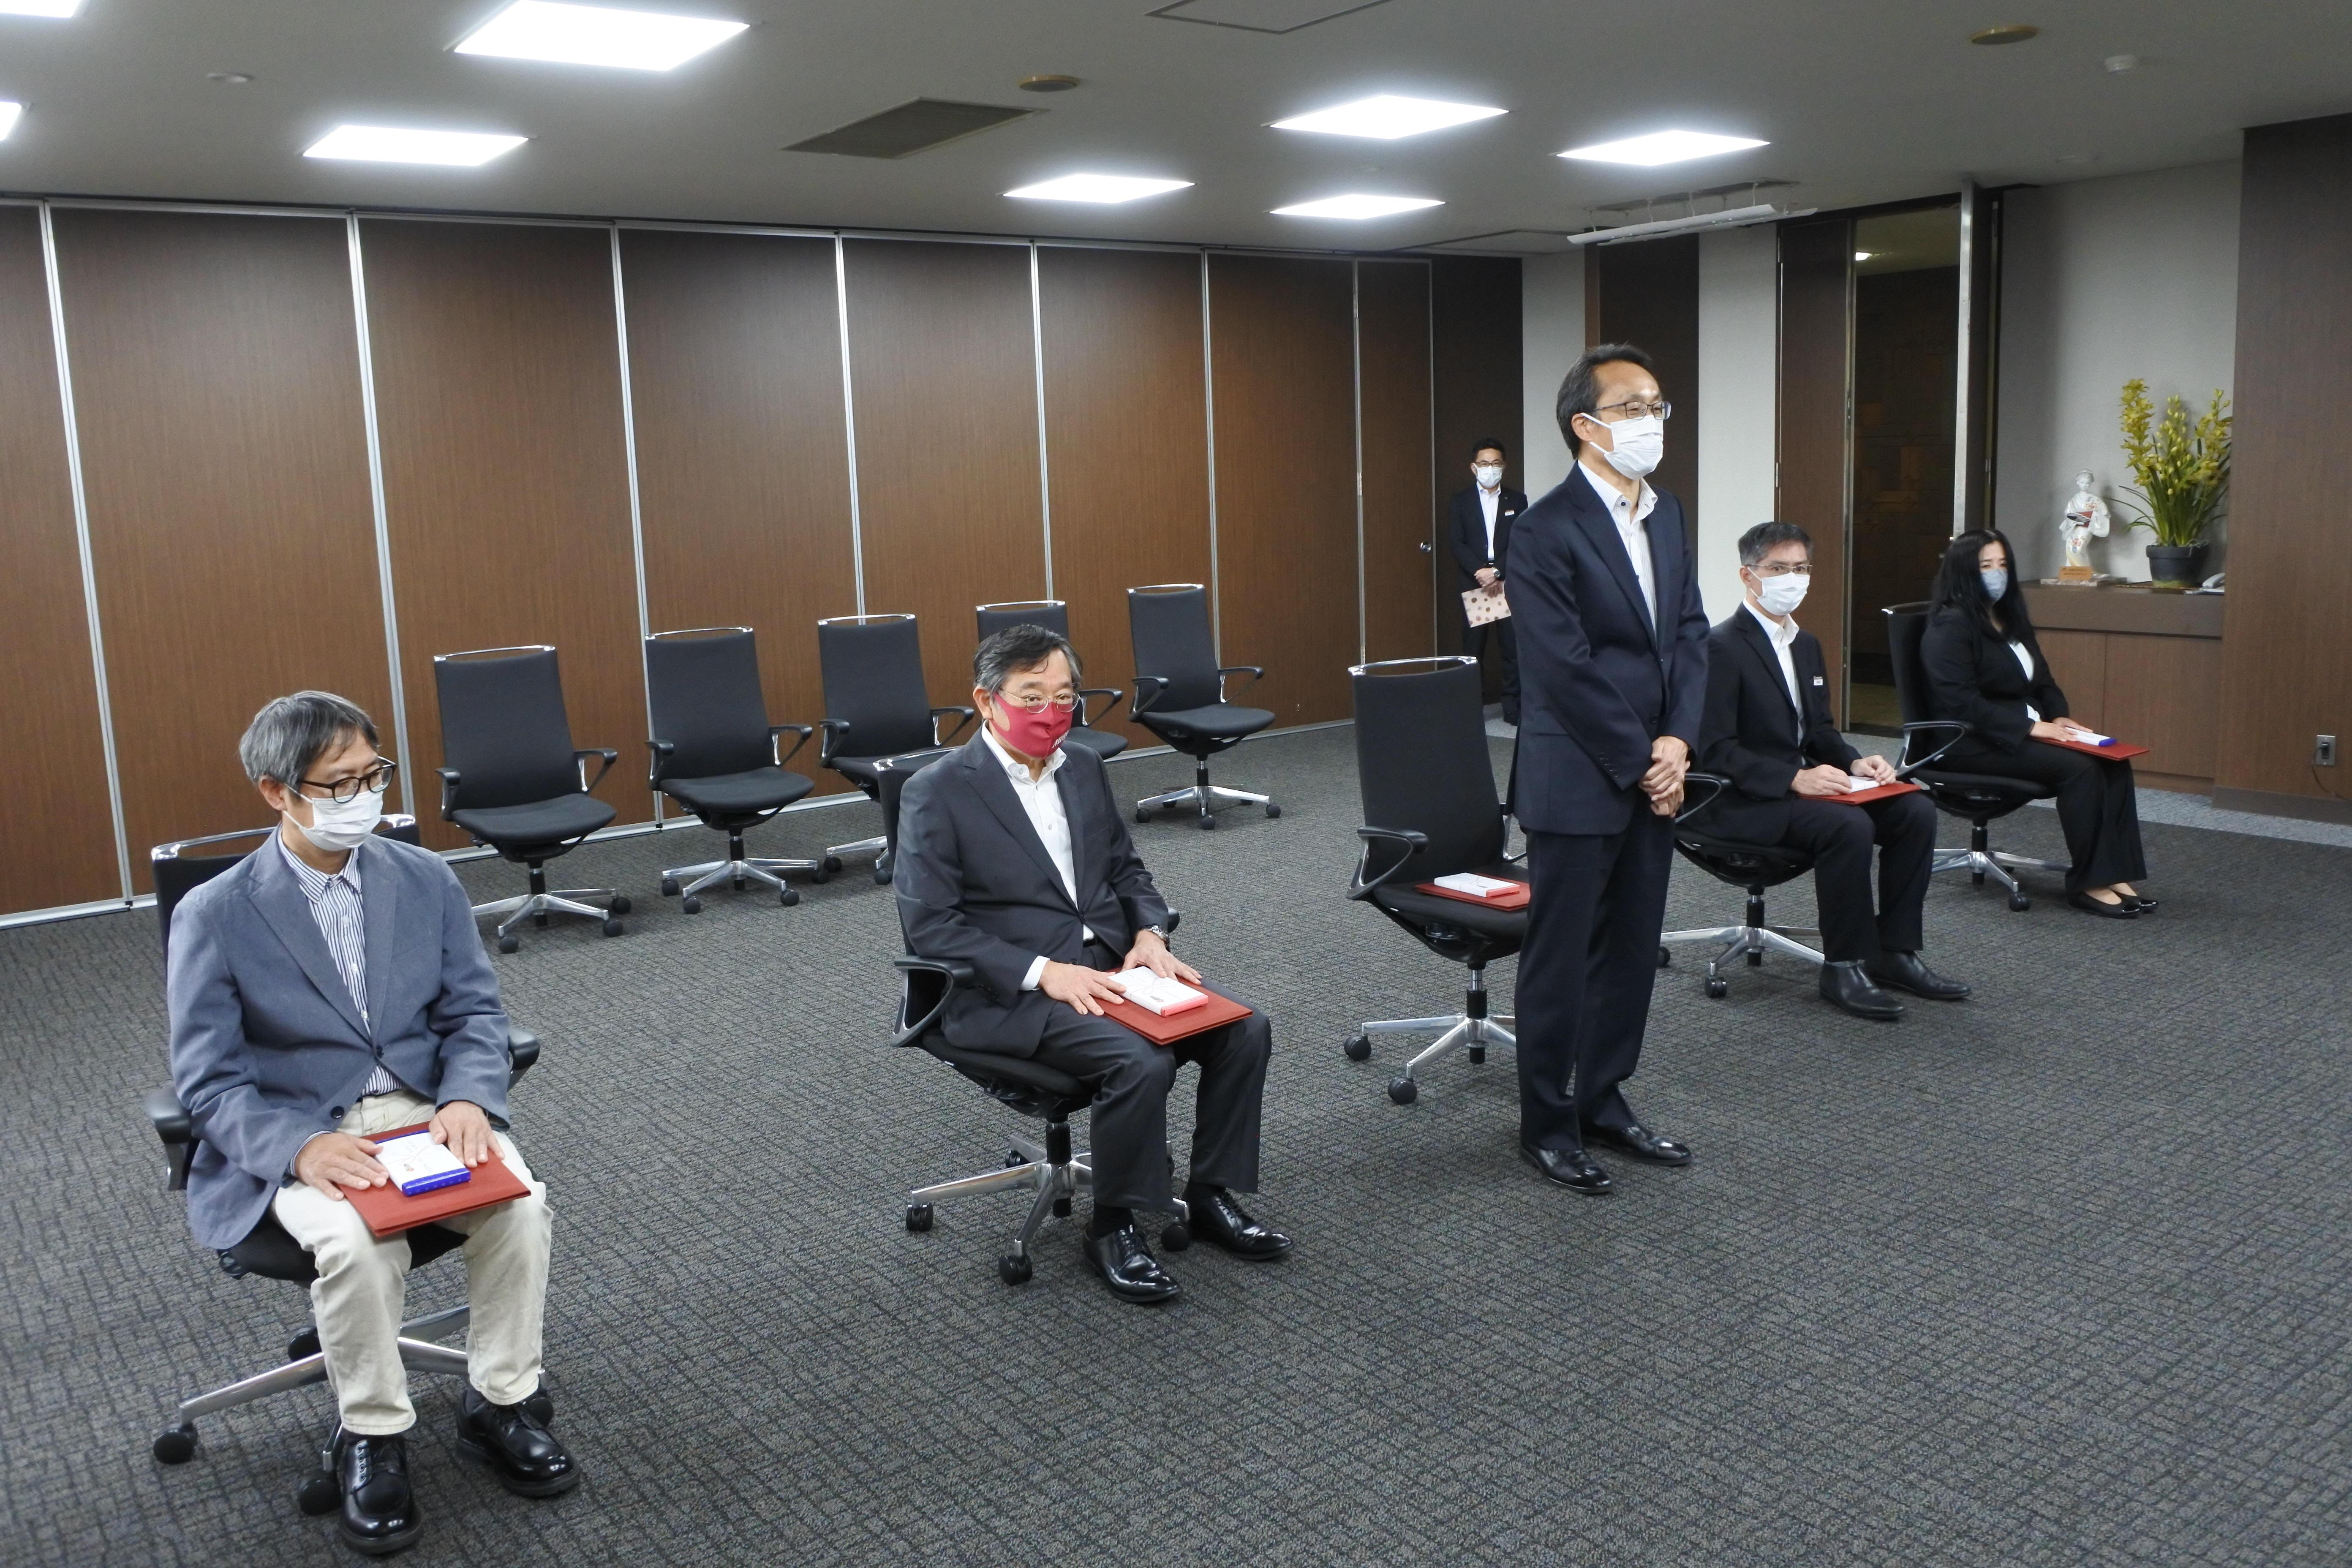 被表彰者を代表してあいさつする福島茂都市情報学部教授